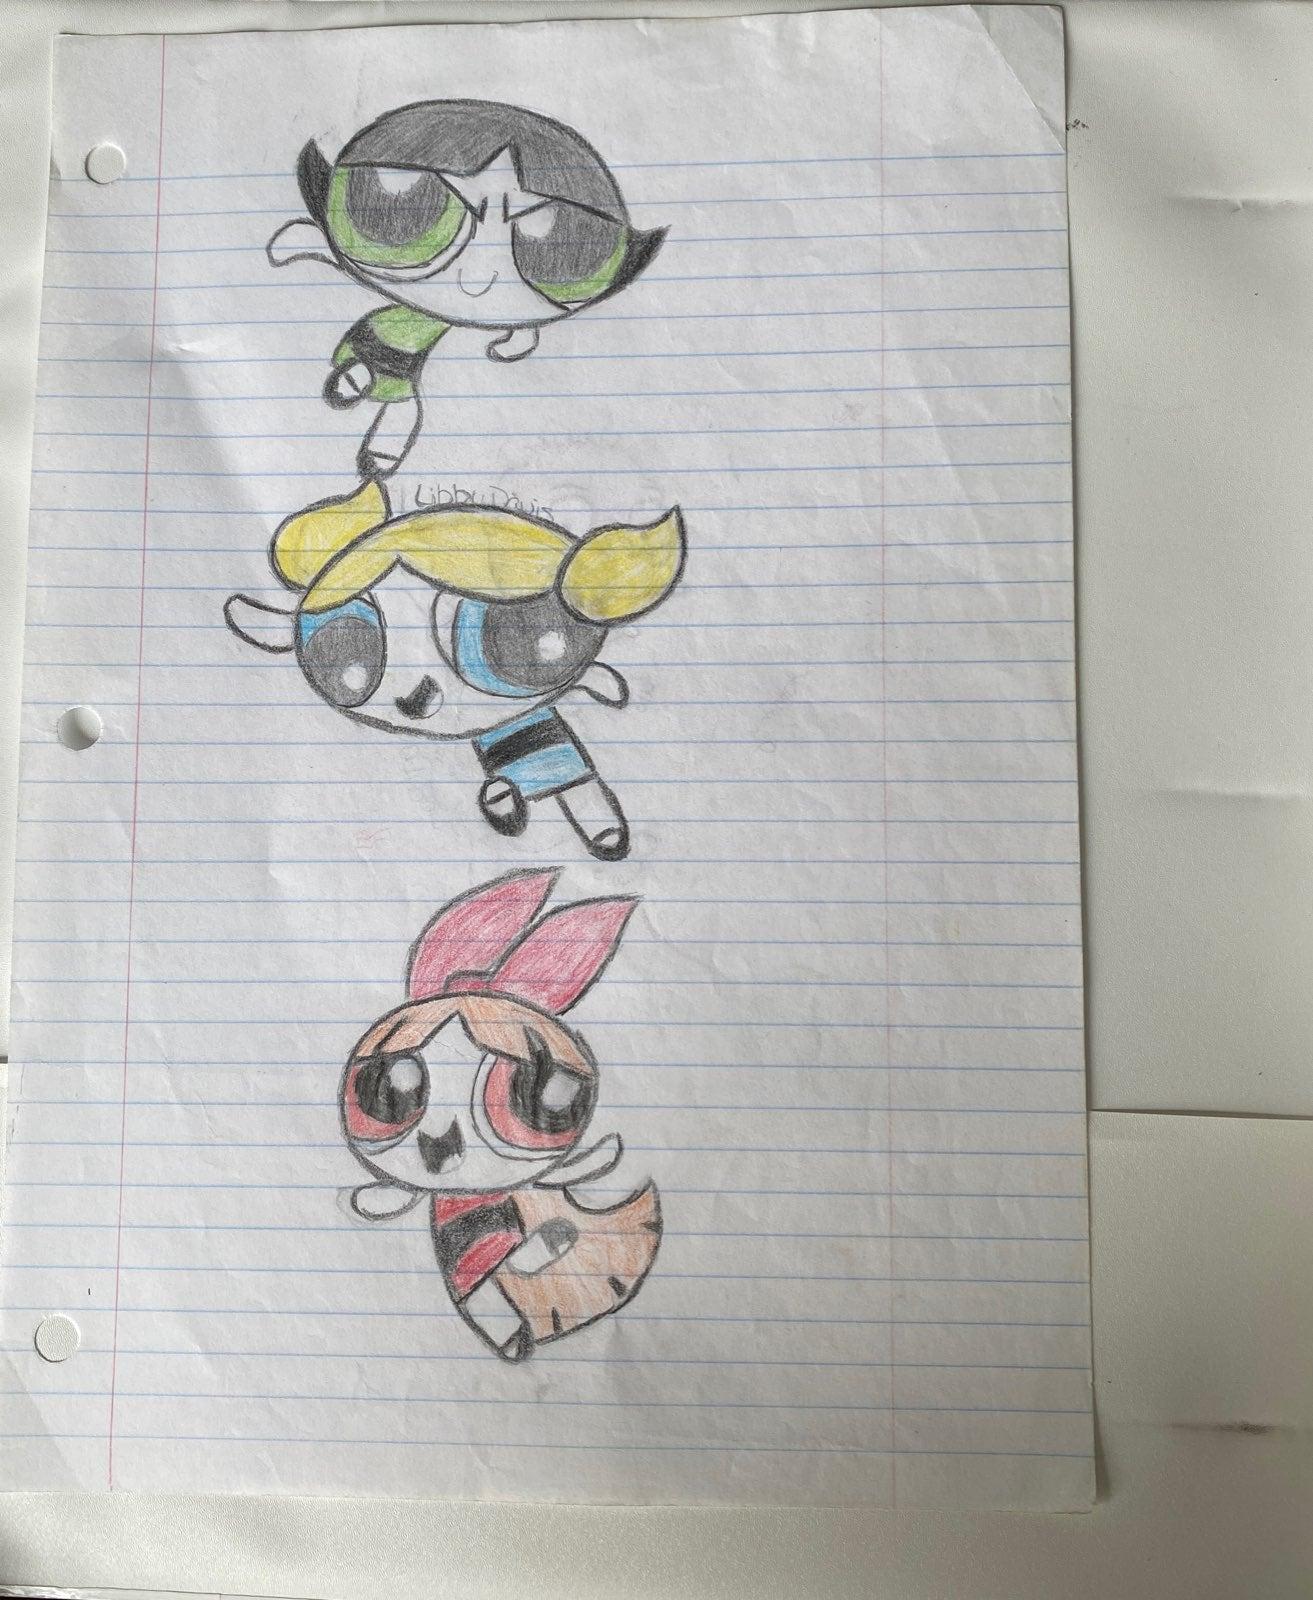 PowerPuff Girls Drawing